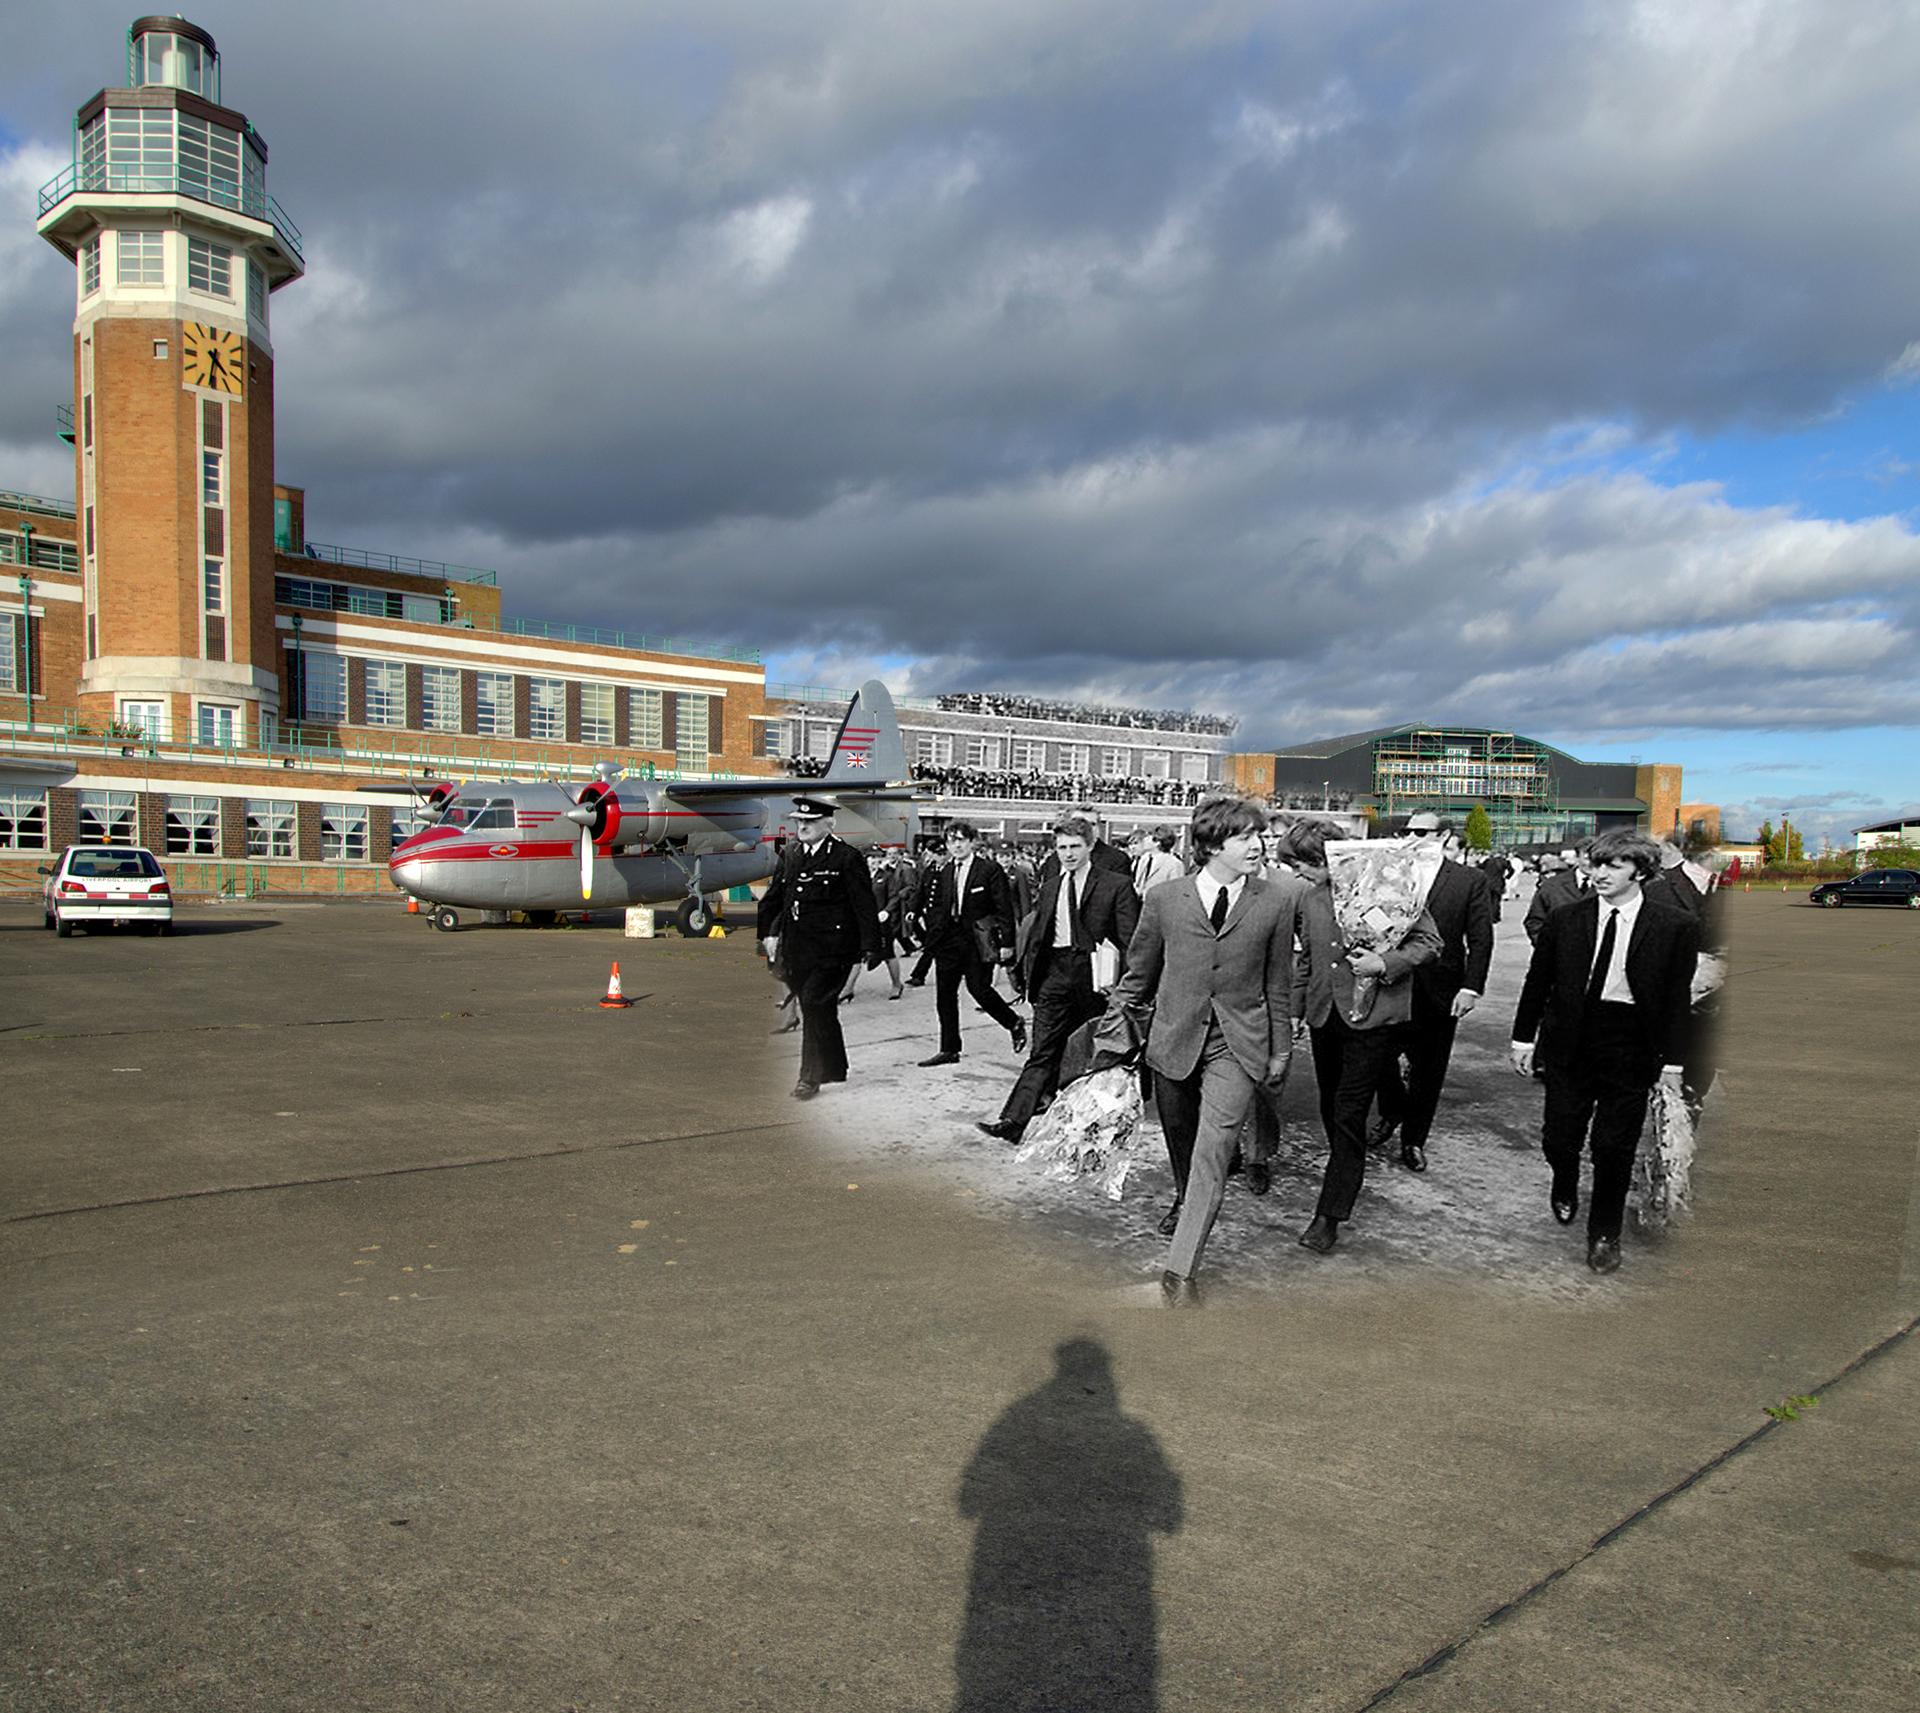 En el Aeropuerto de Speke con los Beatles llegando a la ciudad en 1964, para el estreno de su película A Hard Day's Night, con cientos de fans dándoles una enorme bienvenida